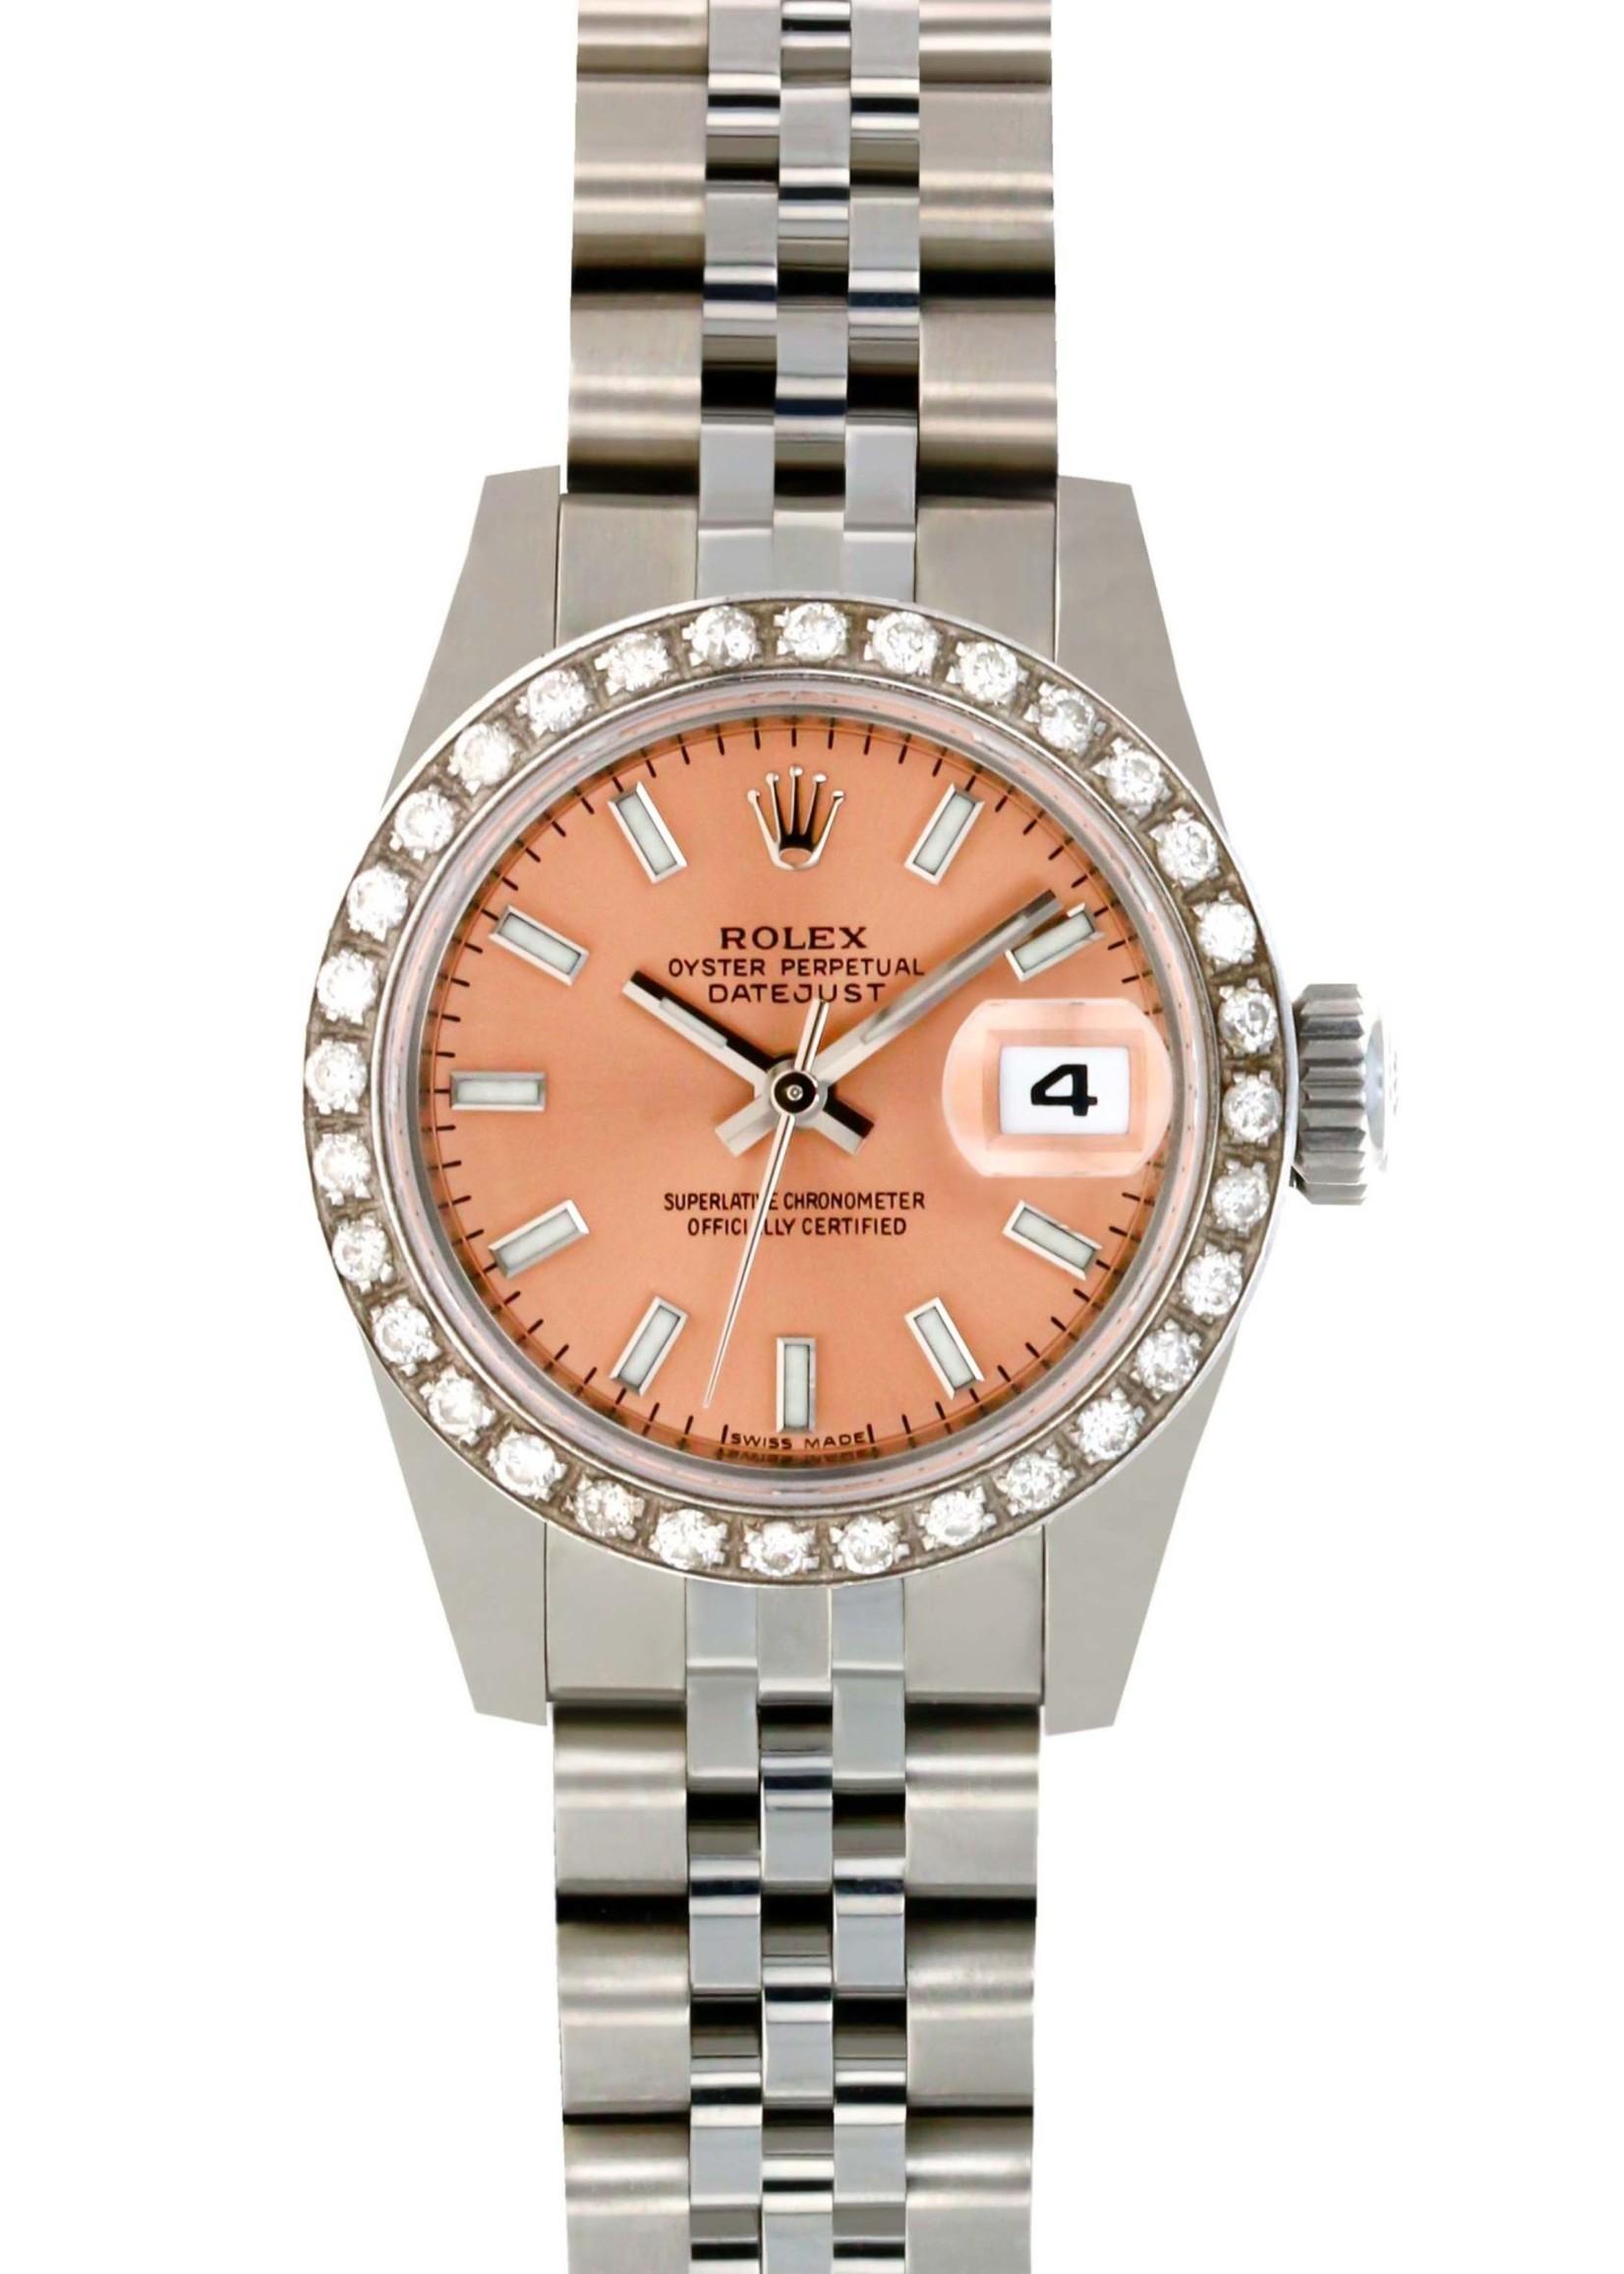 Rolex Watches ROLEX DATEJUST 26MM (B+P) #179174 NEVER WORN